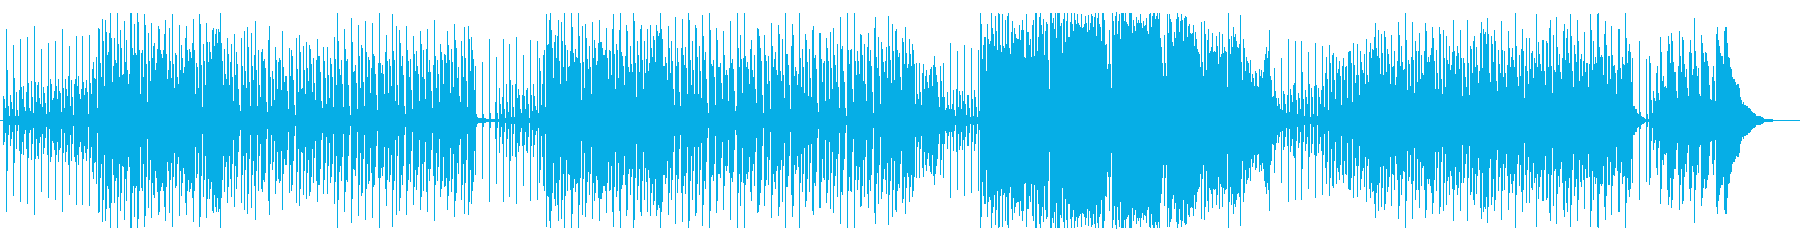 ロックン・ロールの歴史 50年代の再生済みの波形